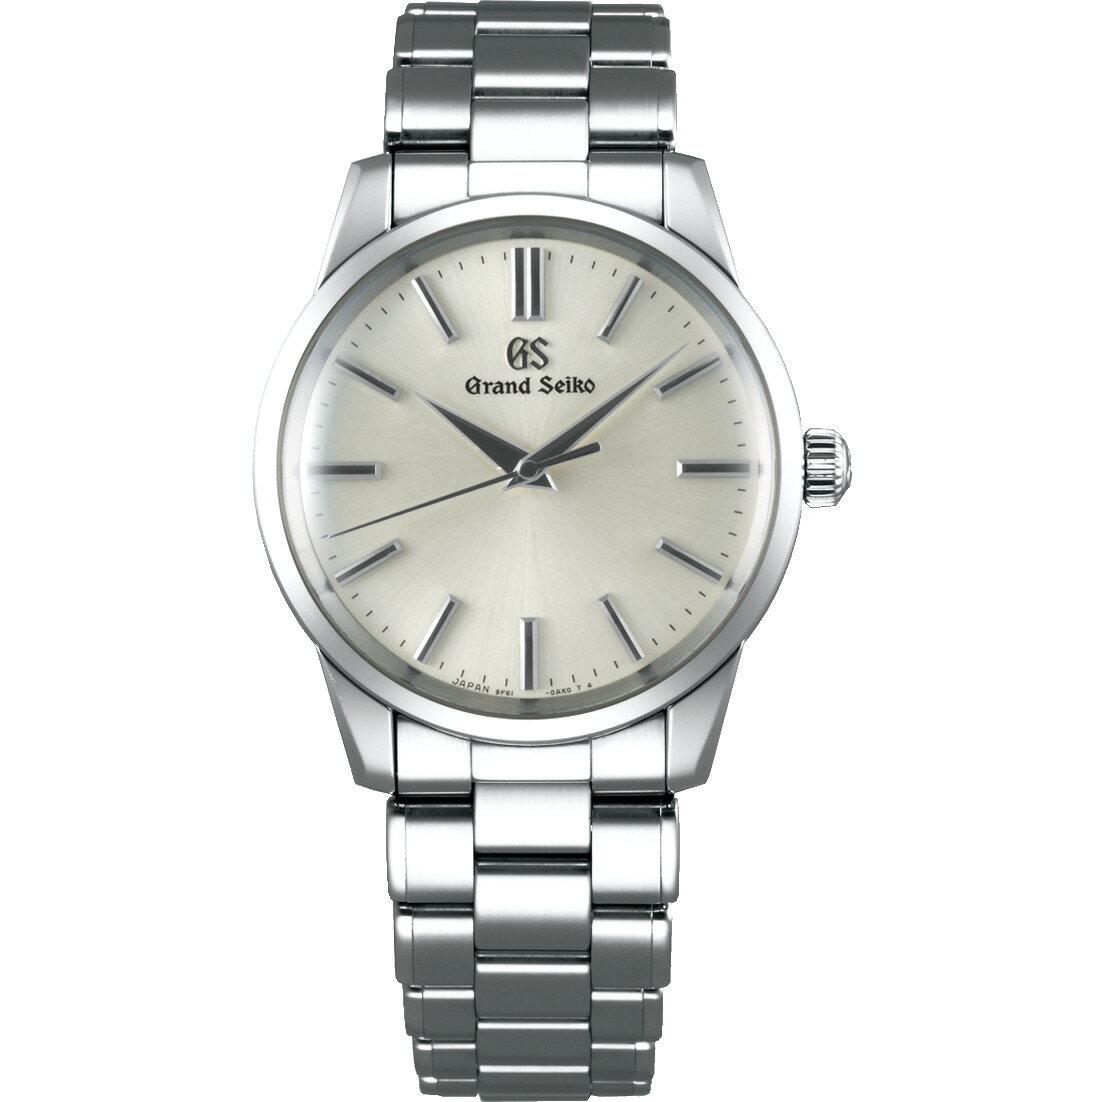 【正規メーカー保証3年】【正規品】 Grand Seiko 【グランドセイコー】 SBGX319 9Fクォーツ 【腕時計】